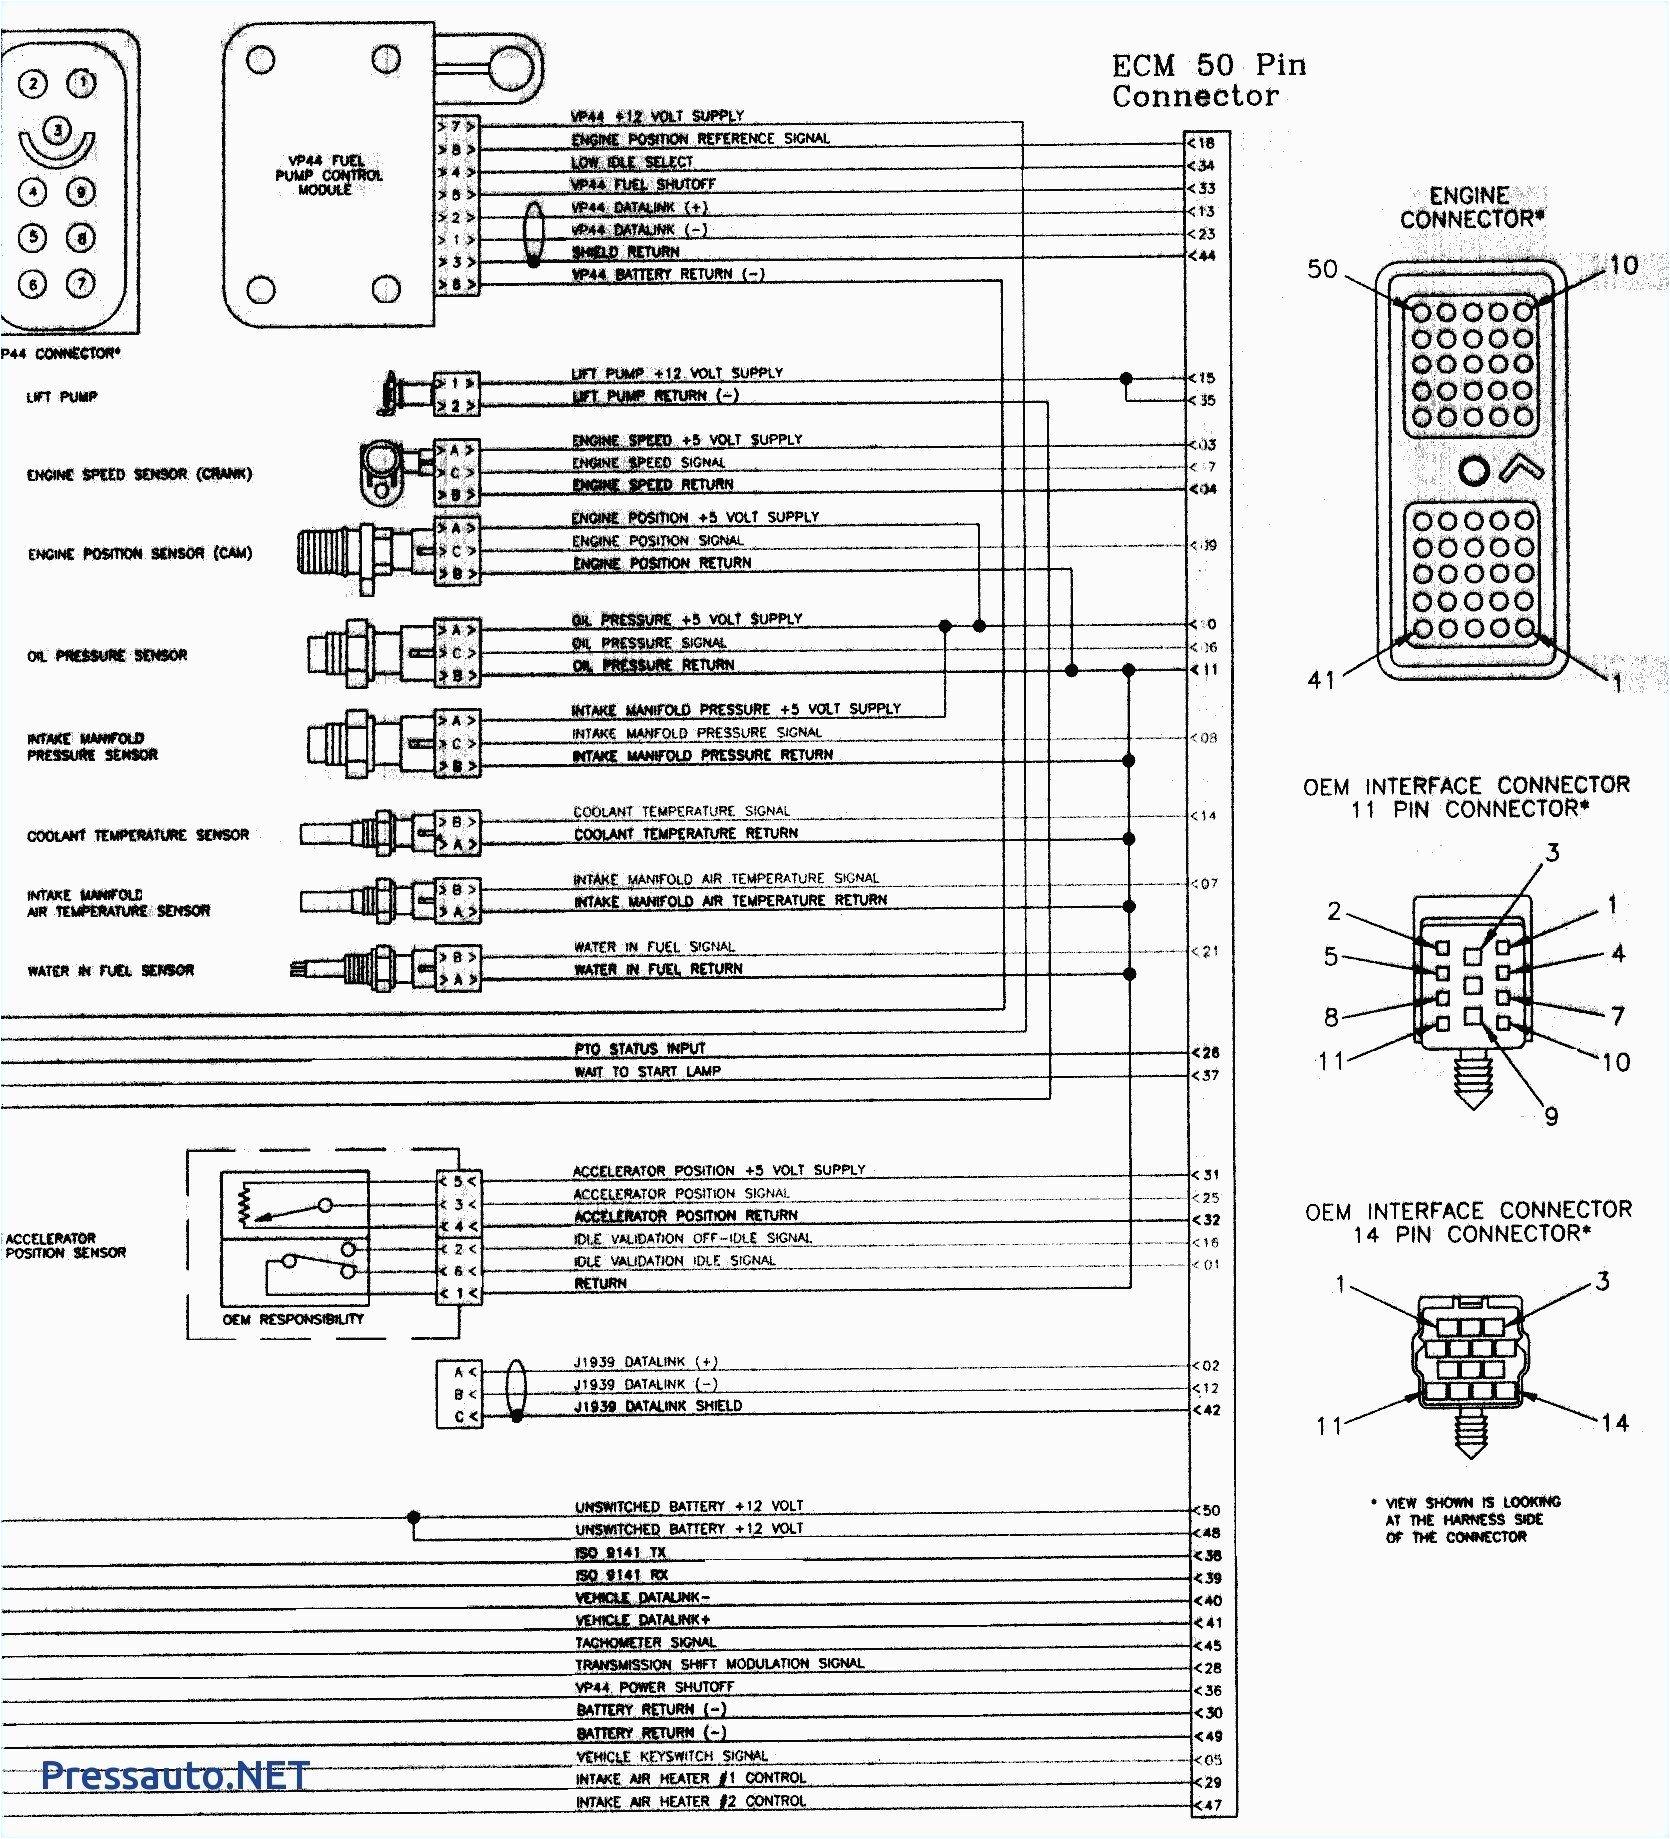 1994 dodge ram wiring diagram wiring diagram databasedodge ram wiring diagram